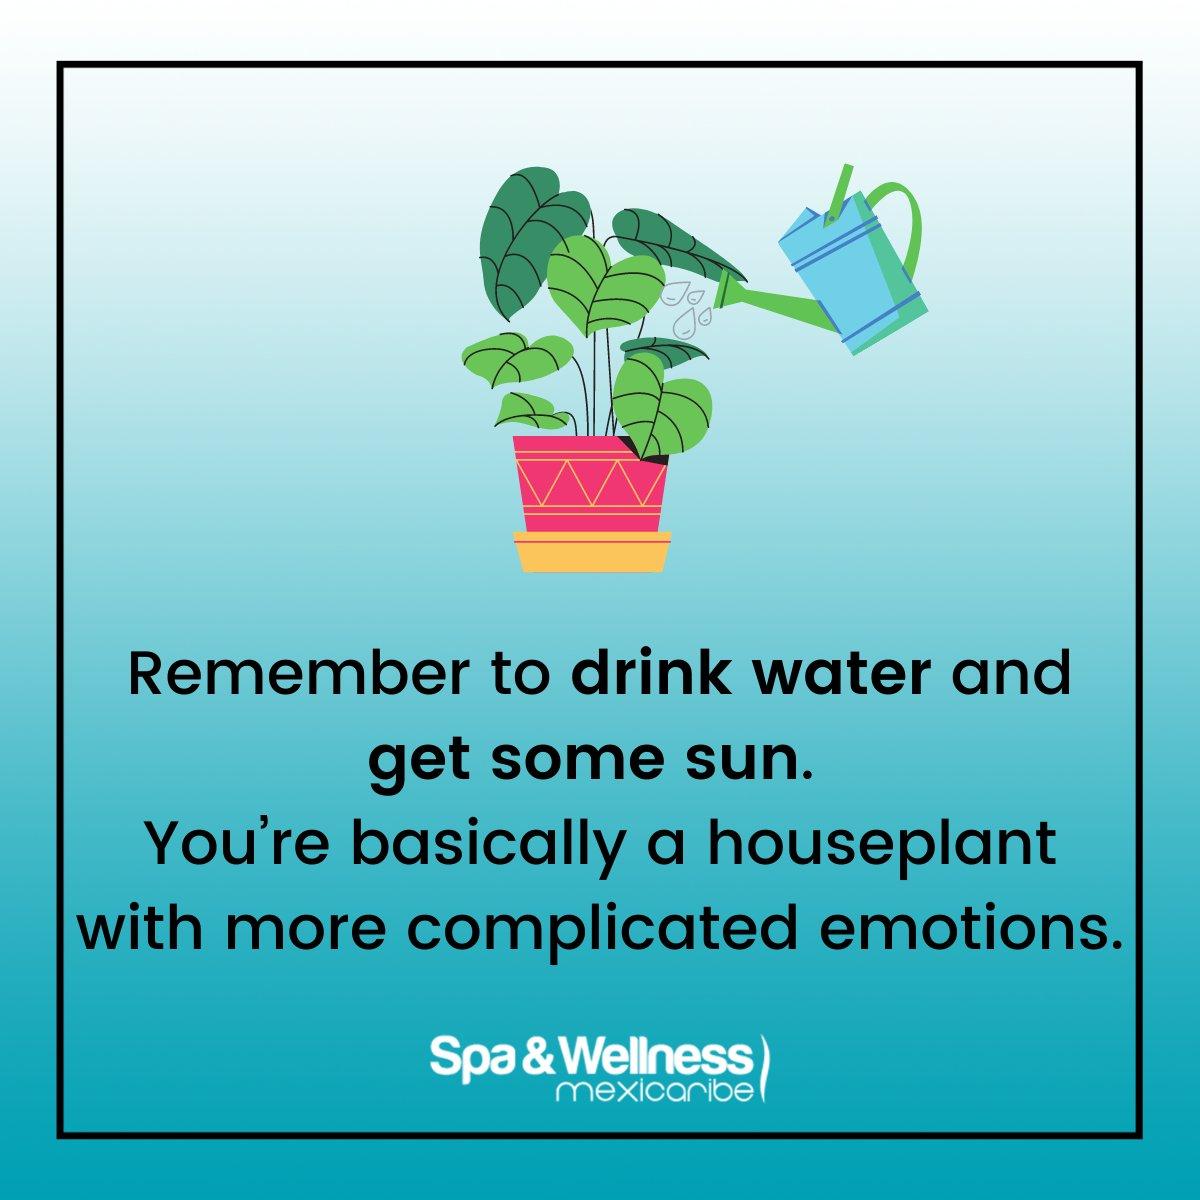 Recuerda beber agua y tomar sol. Básicamente eres una planta con emociones más complicadas  #spa #wellness #bienestar #mondaymotivation #mondaymood #mondayvibes #mondaymorning #mindfulness #mondaymindfulness #mondayquote   Read #SpaWellnessMexiCaribe